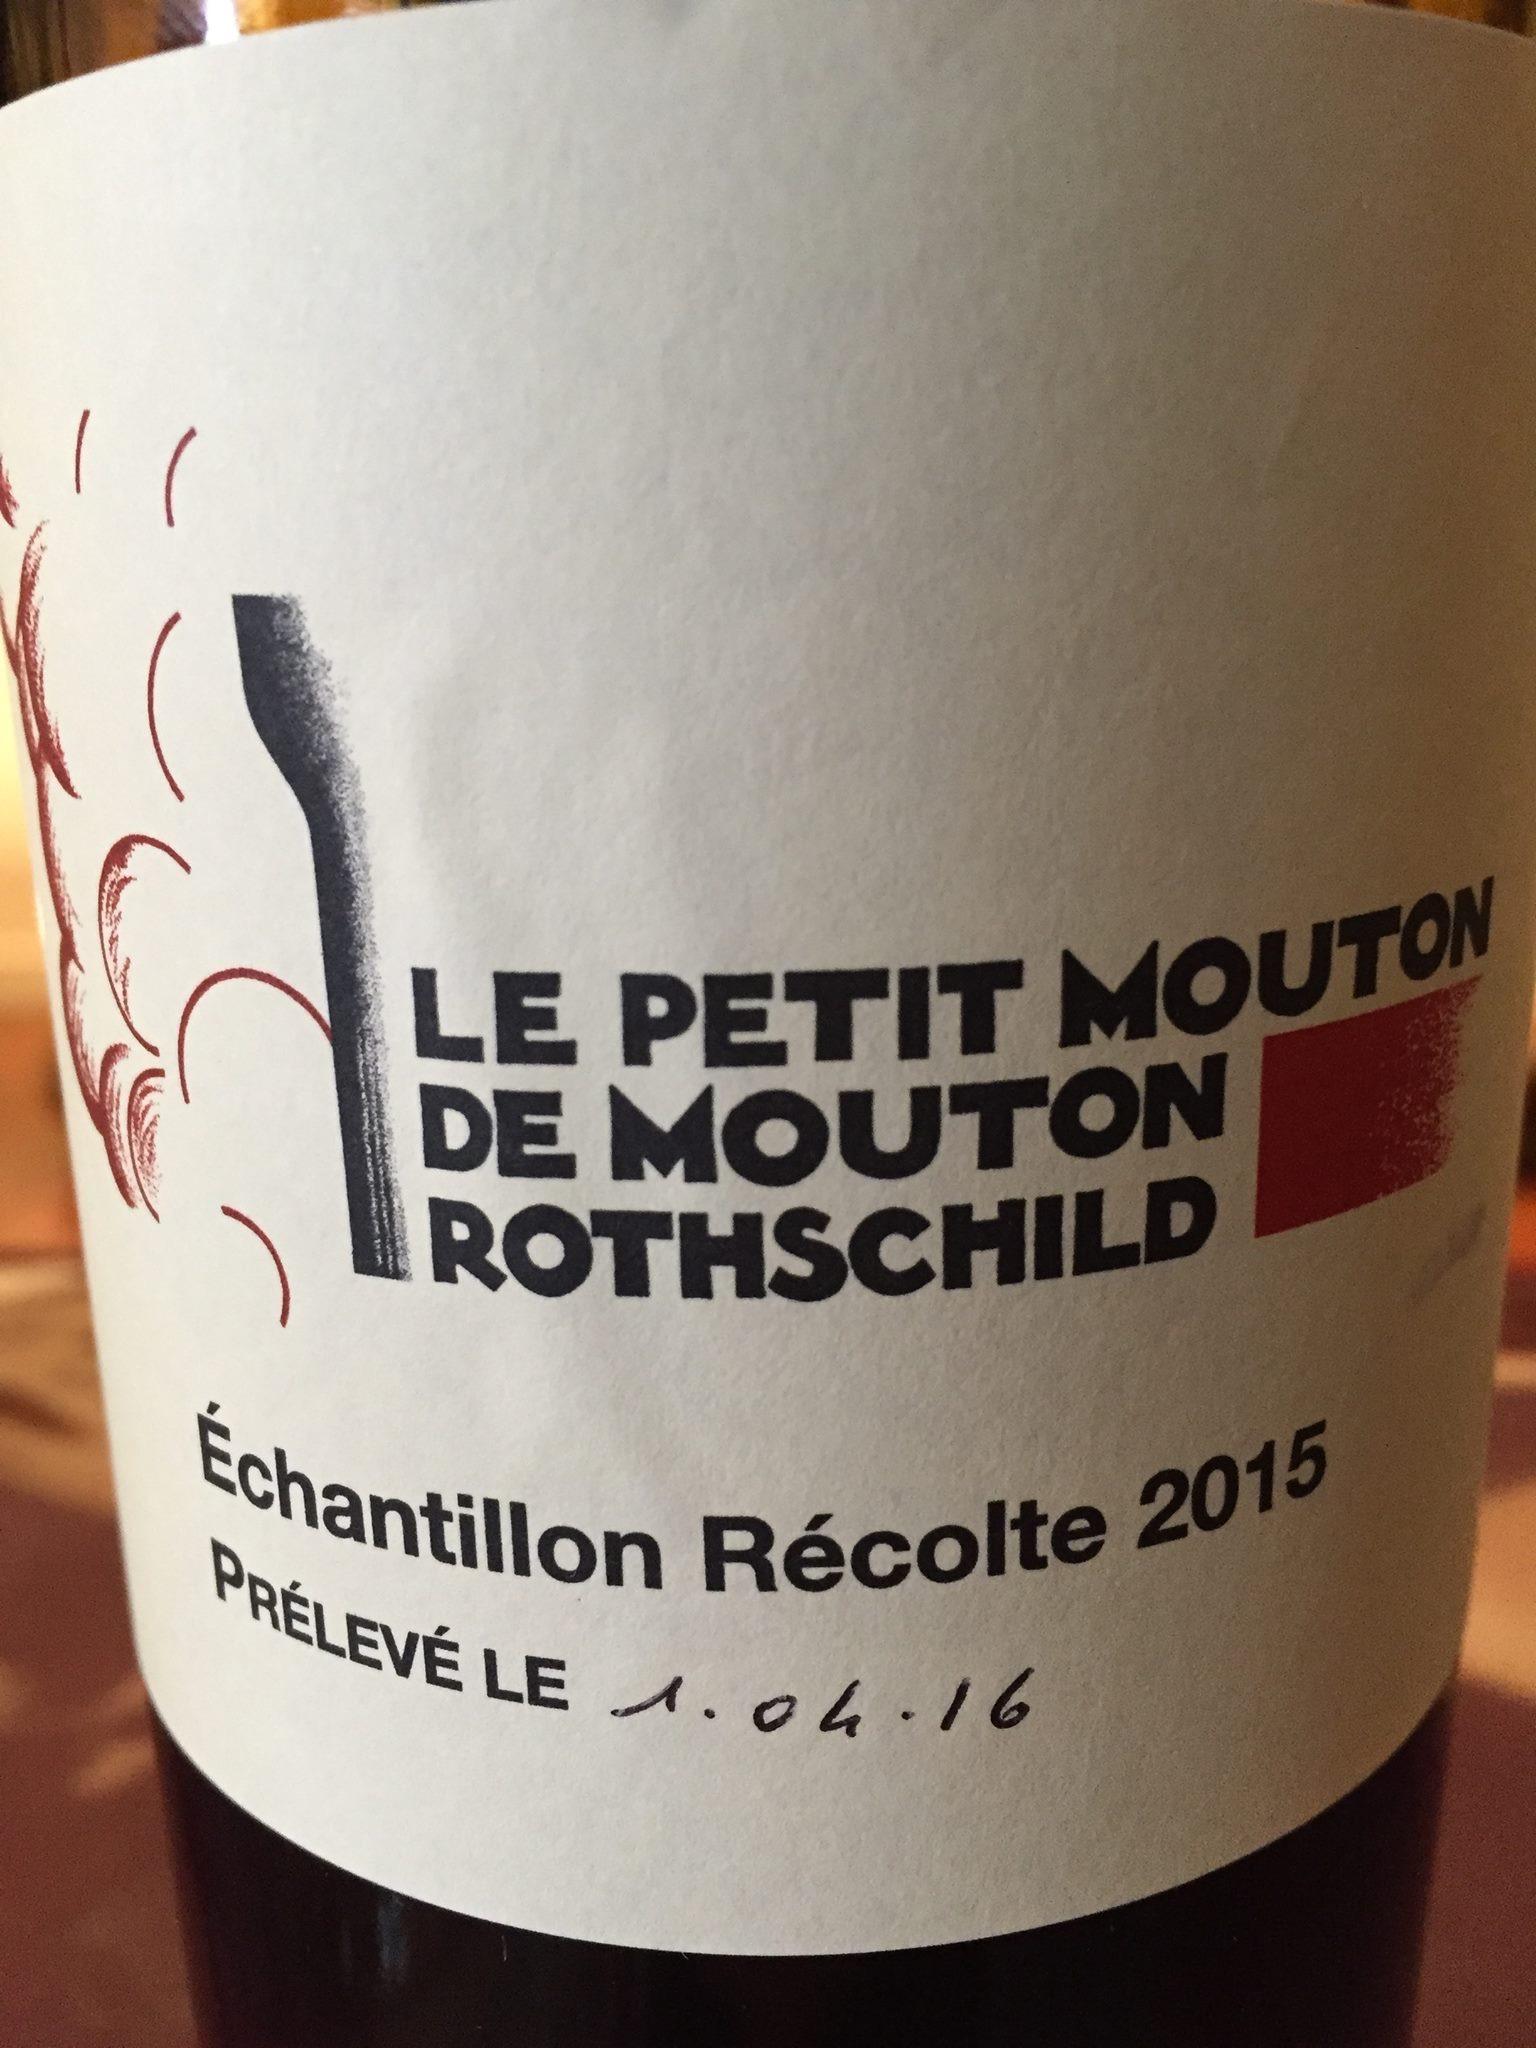 Le Petit Mouton de Rothschild 2015 – Pauillac